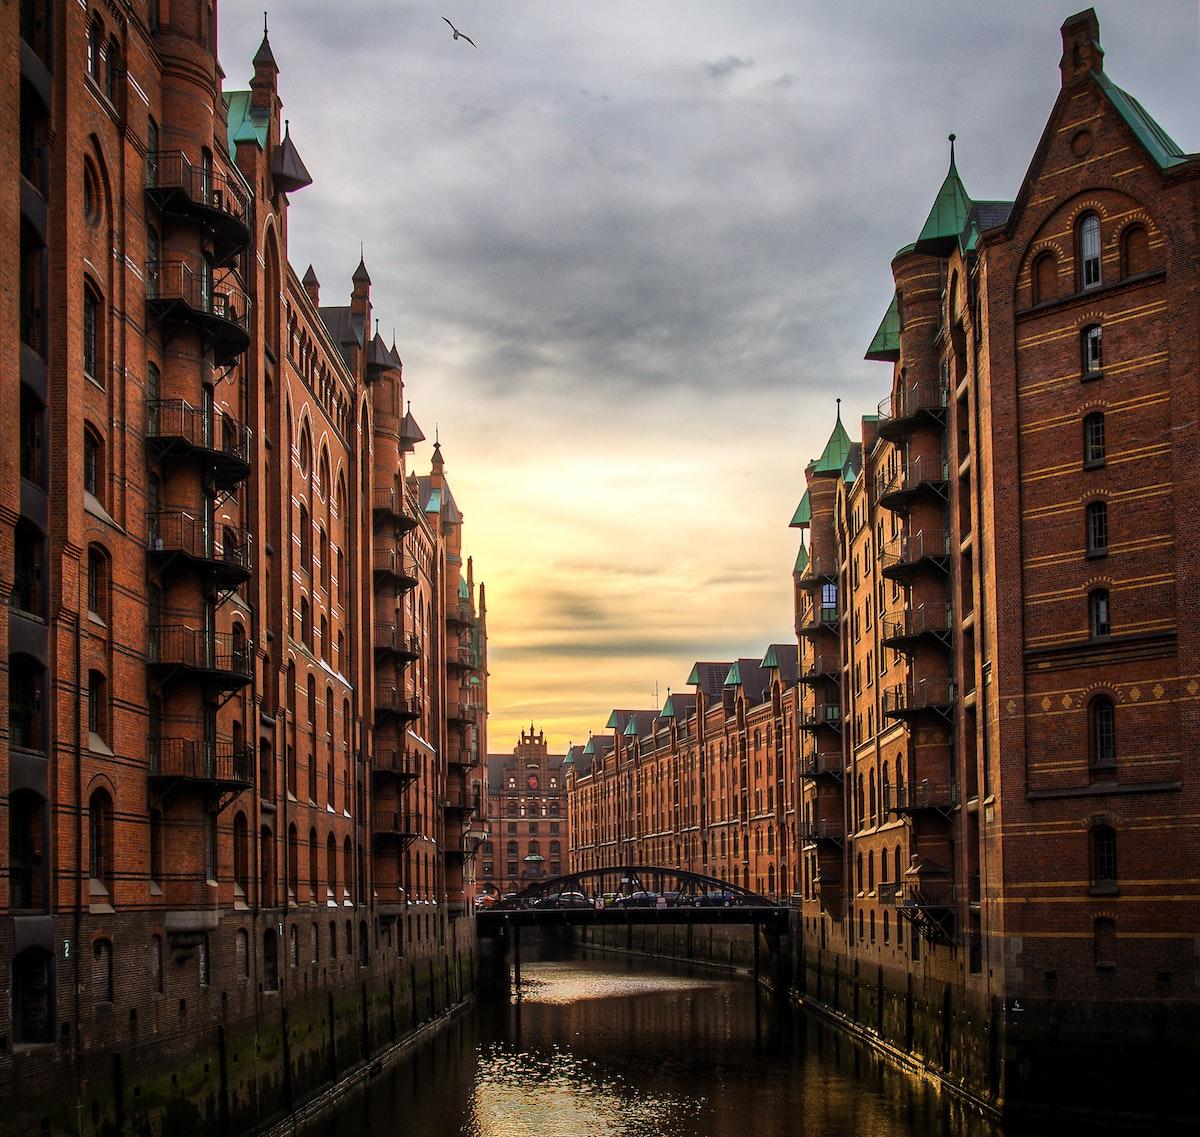 quartier hambourg mur briques rouge dorure toit vert pont fer architecture